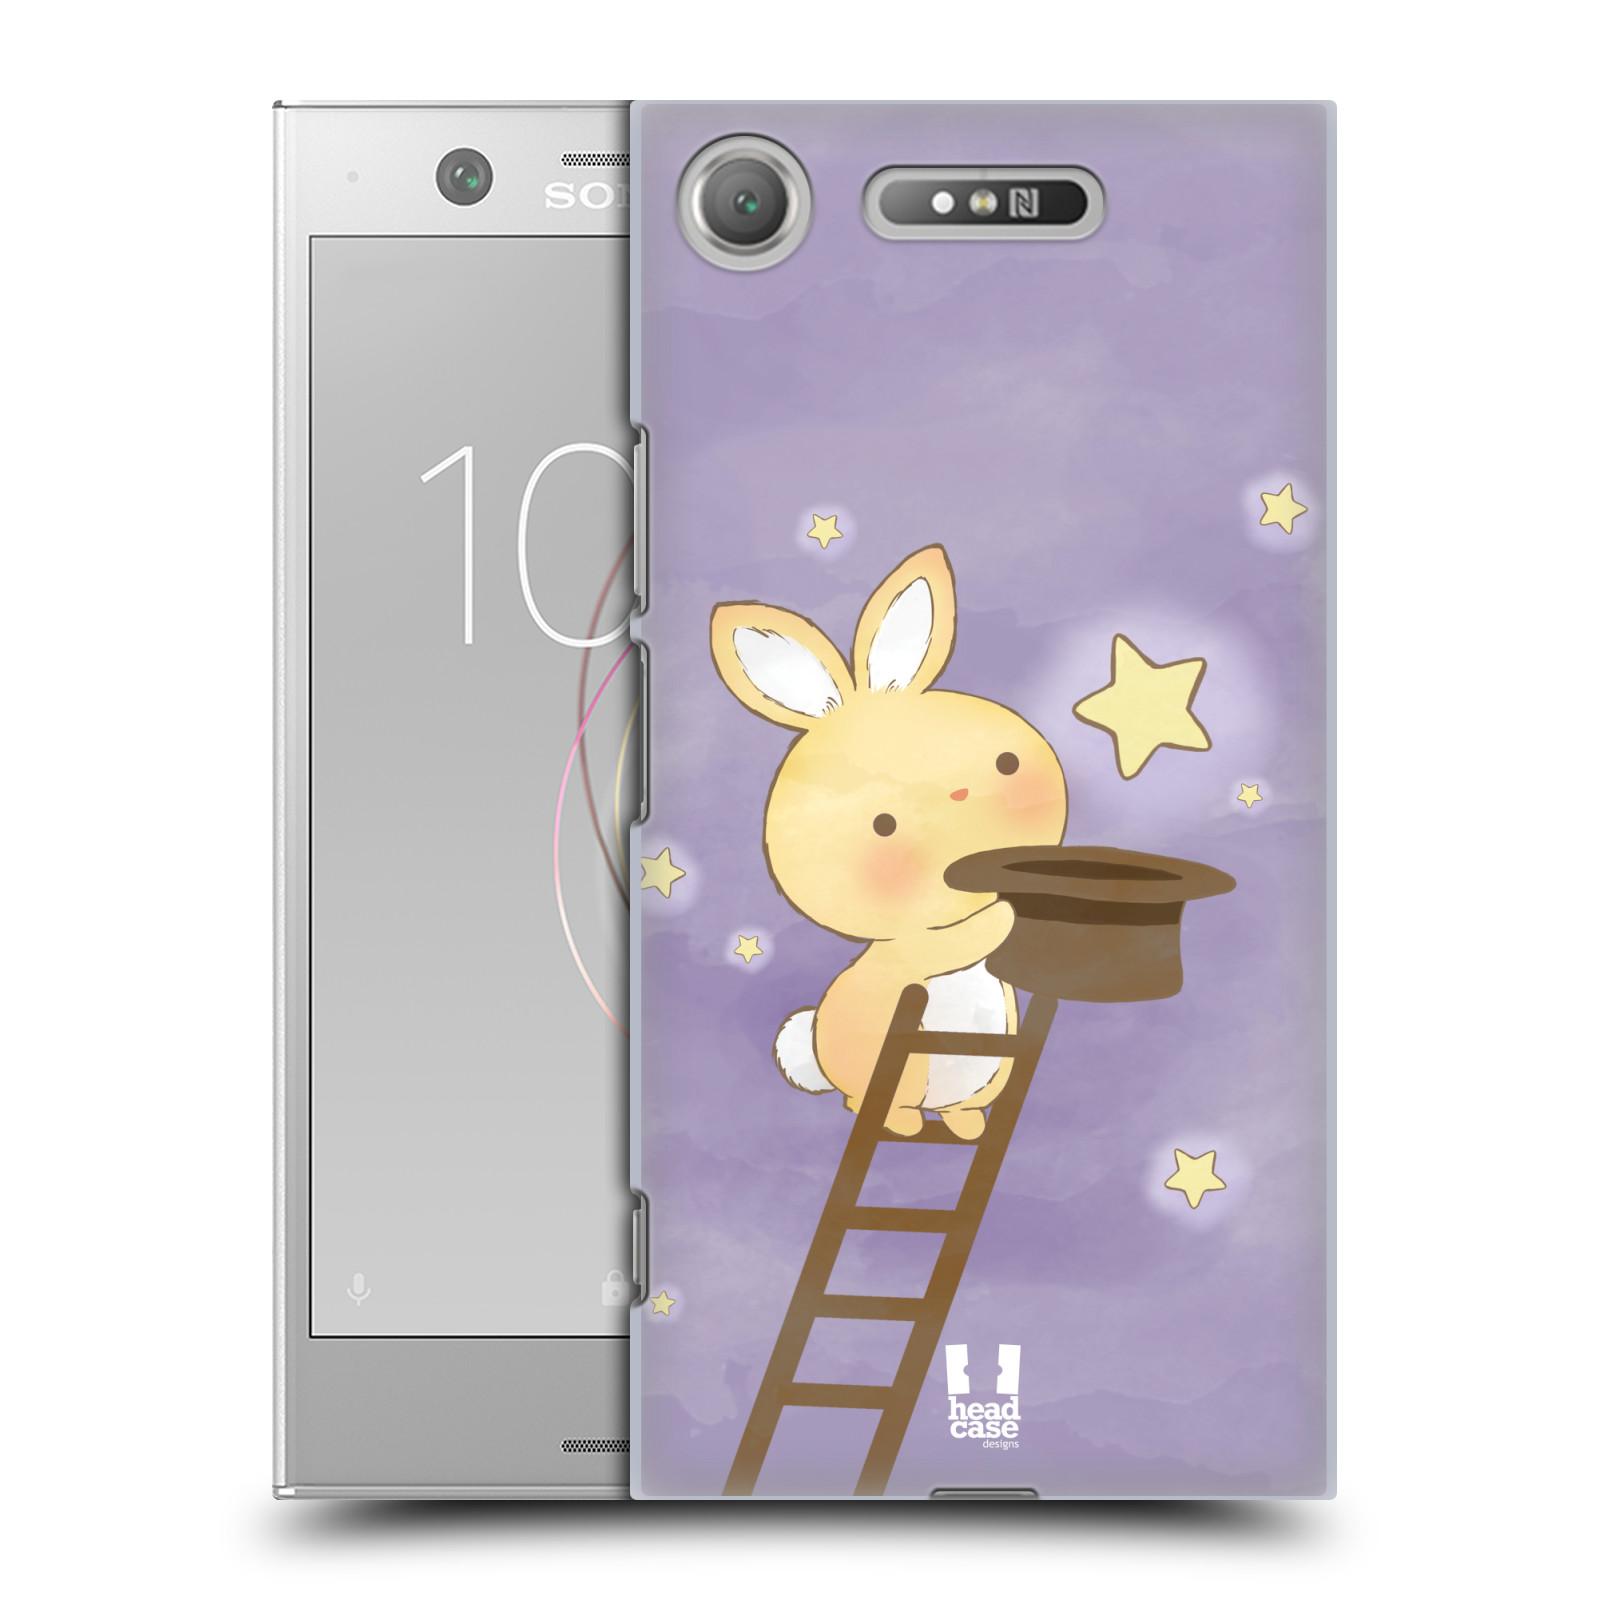 HEAD CASE plastový obal na mobil Sony Xperia XZ1 vzor králíček a hvězdy fialová